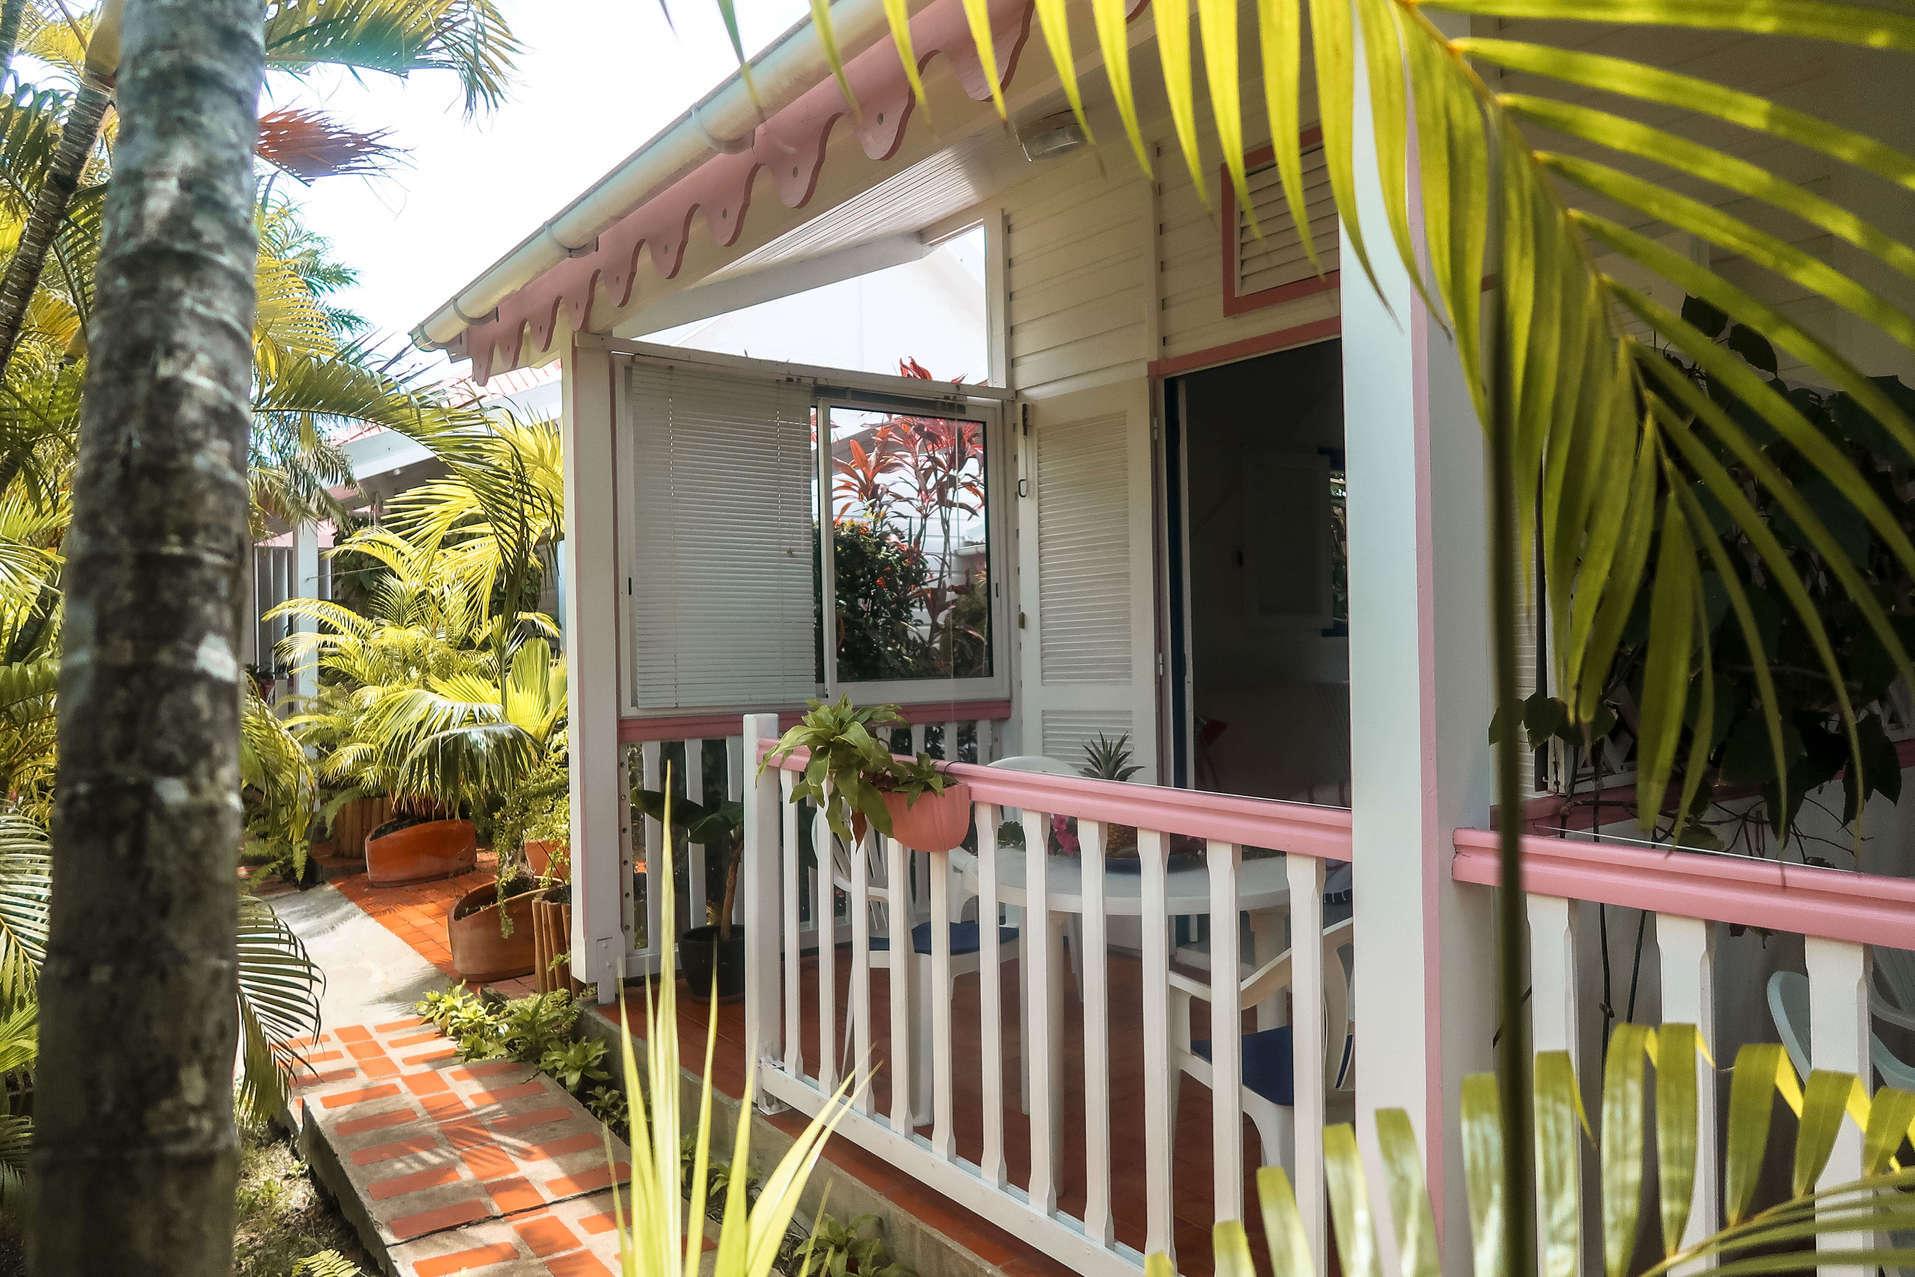 habitation-abricot-location-saisonniere-studio-vue-exterieure